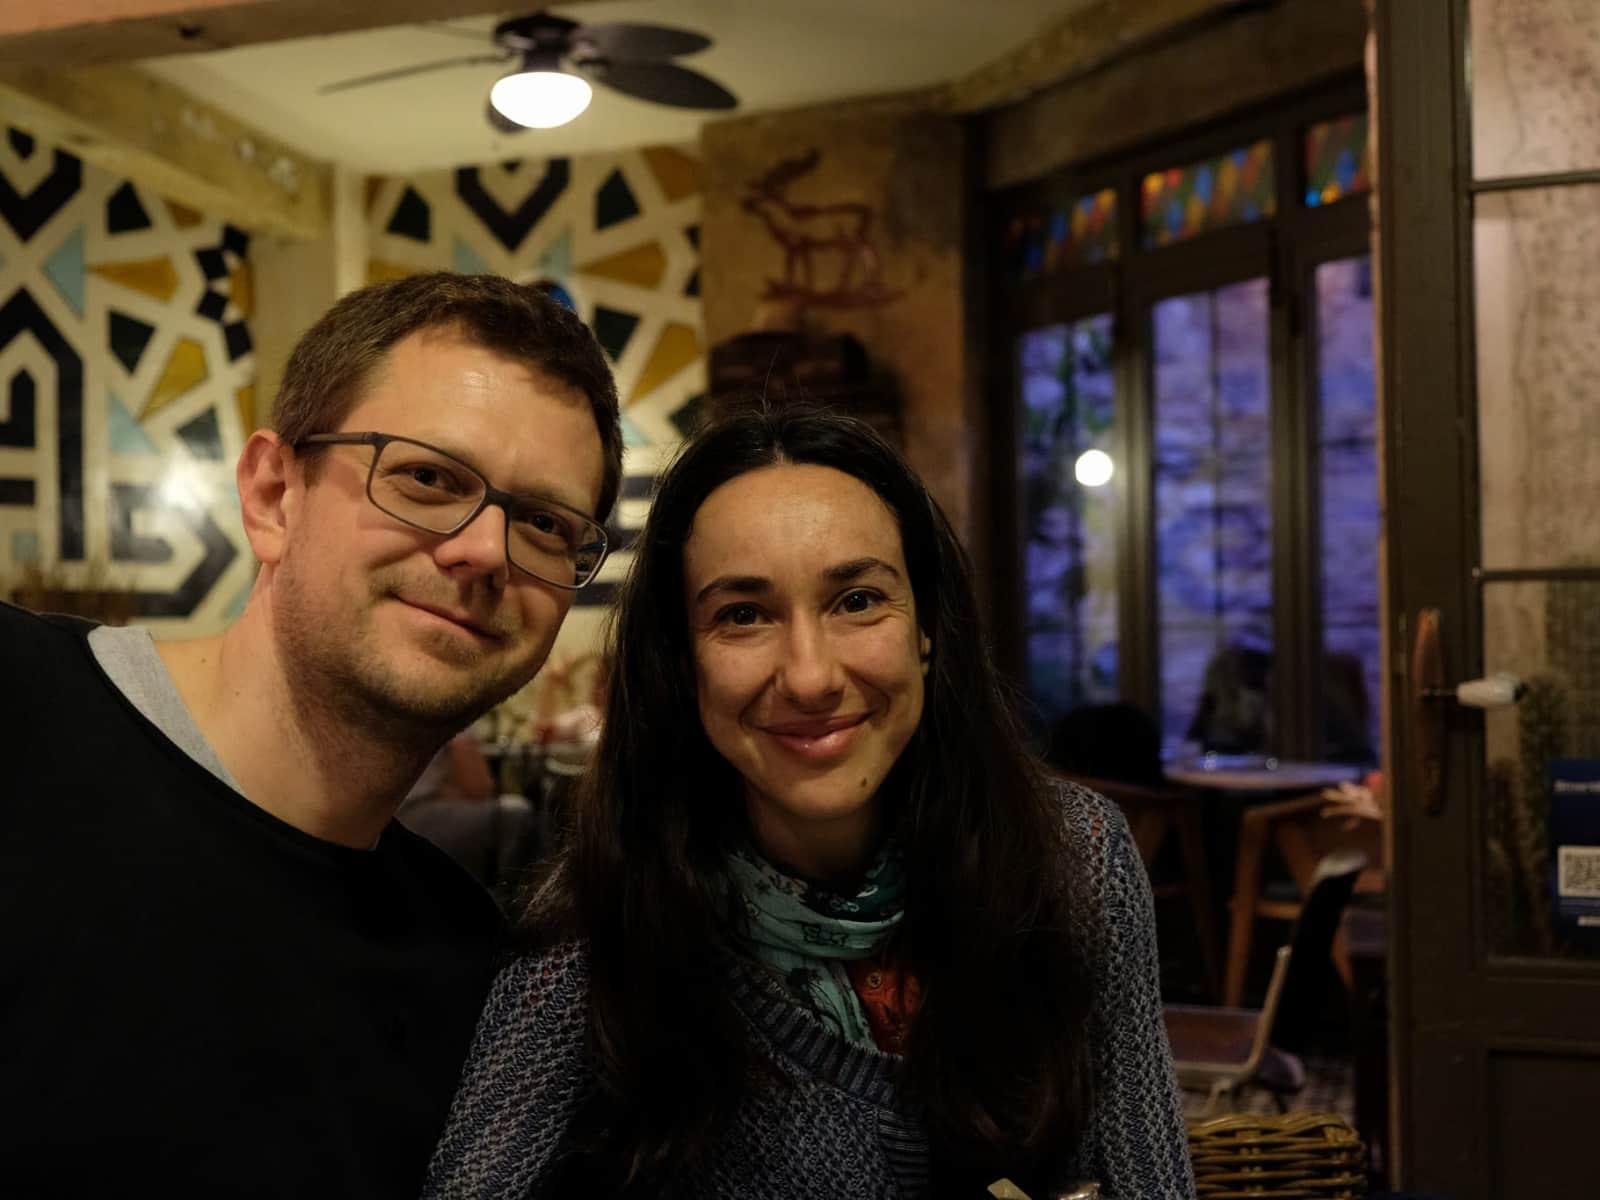 Manja & Mario from Brussels, Belgium